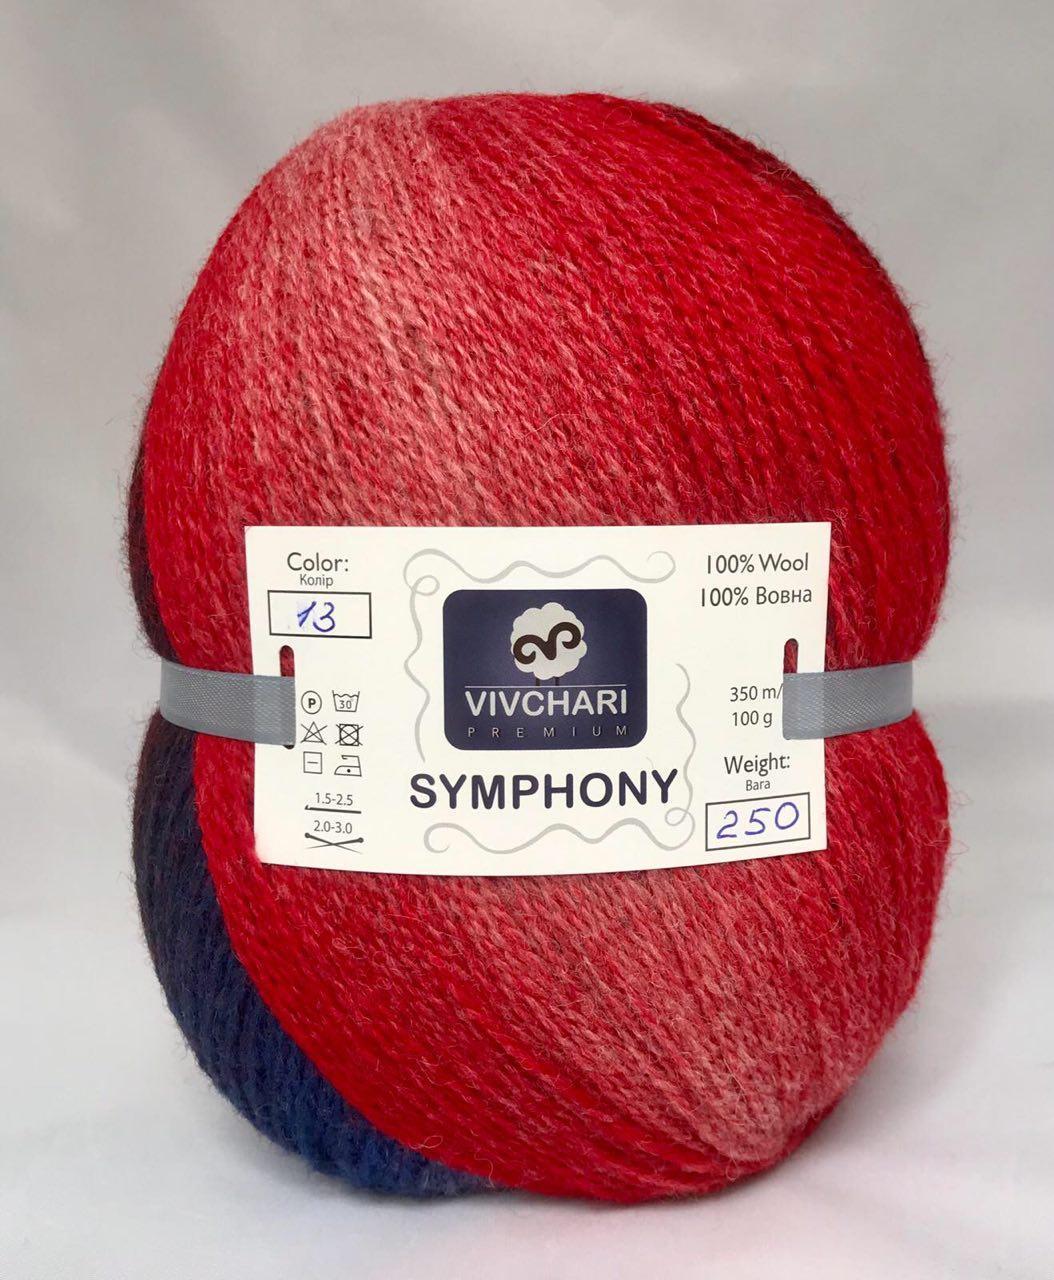 Пряжа шерстяная Vivchari Premium Symphony, Color No.13 красно-сине-белый меланж